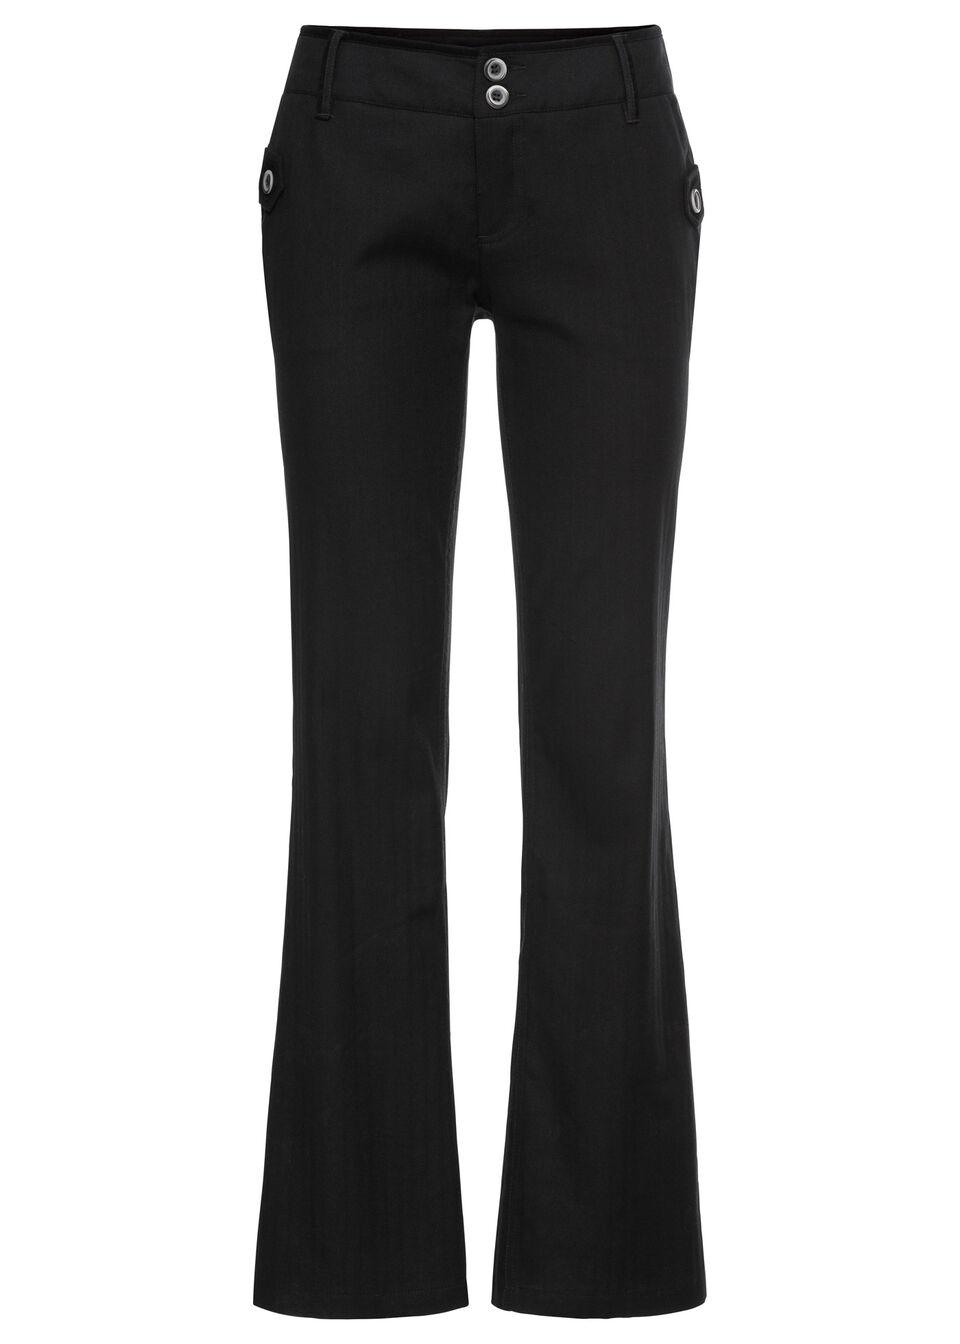 Spodnie biznesowe BOOTCUT w tenisowe prążki bonprix czarny w paski